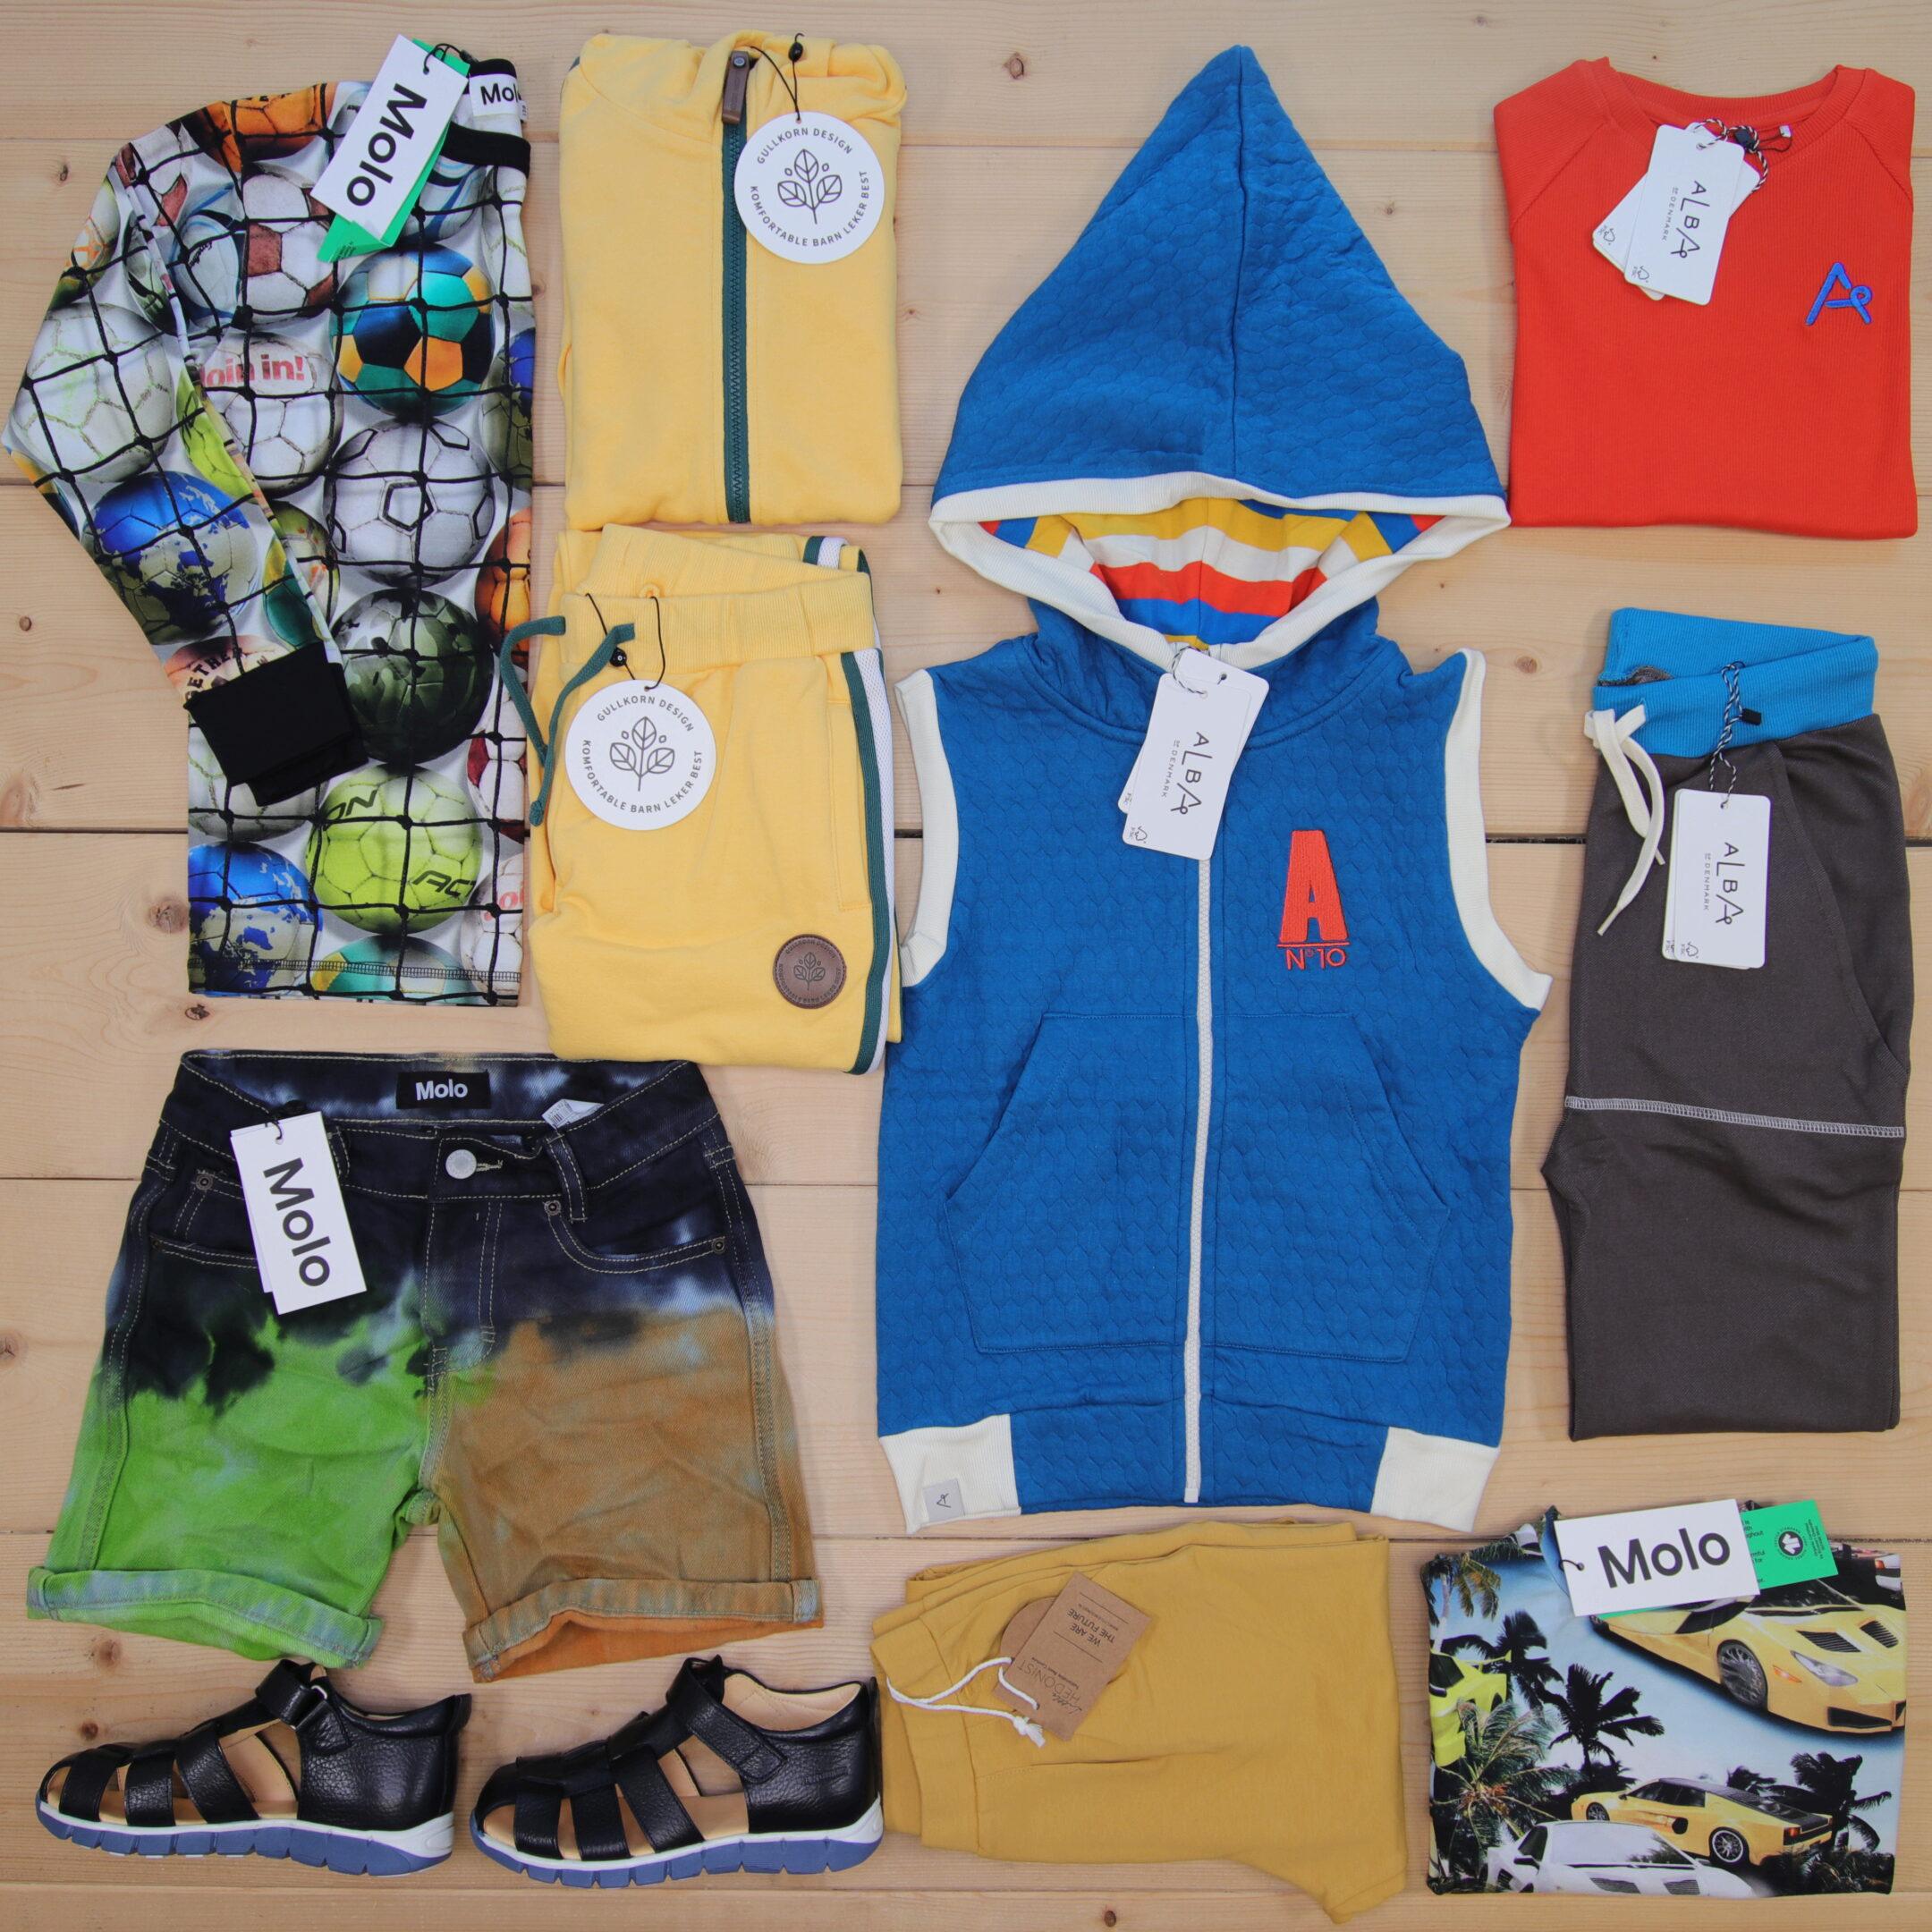 Dette er en 5000 NOK* The Childish Stylist som vi forberedte for en gutt i stilene cool og colorful i størrelse 122